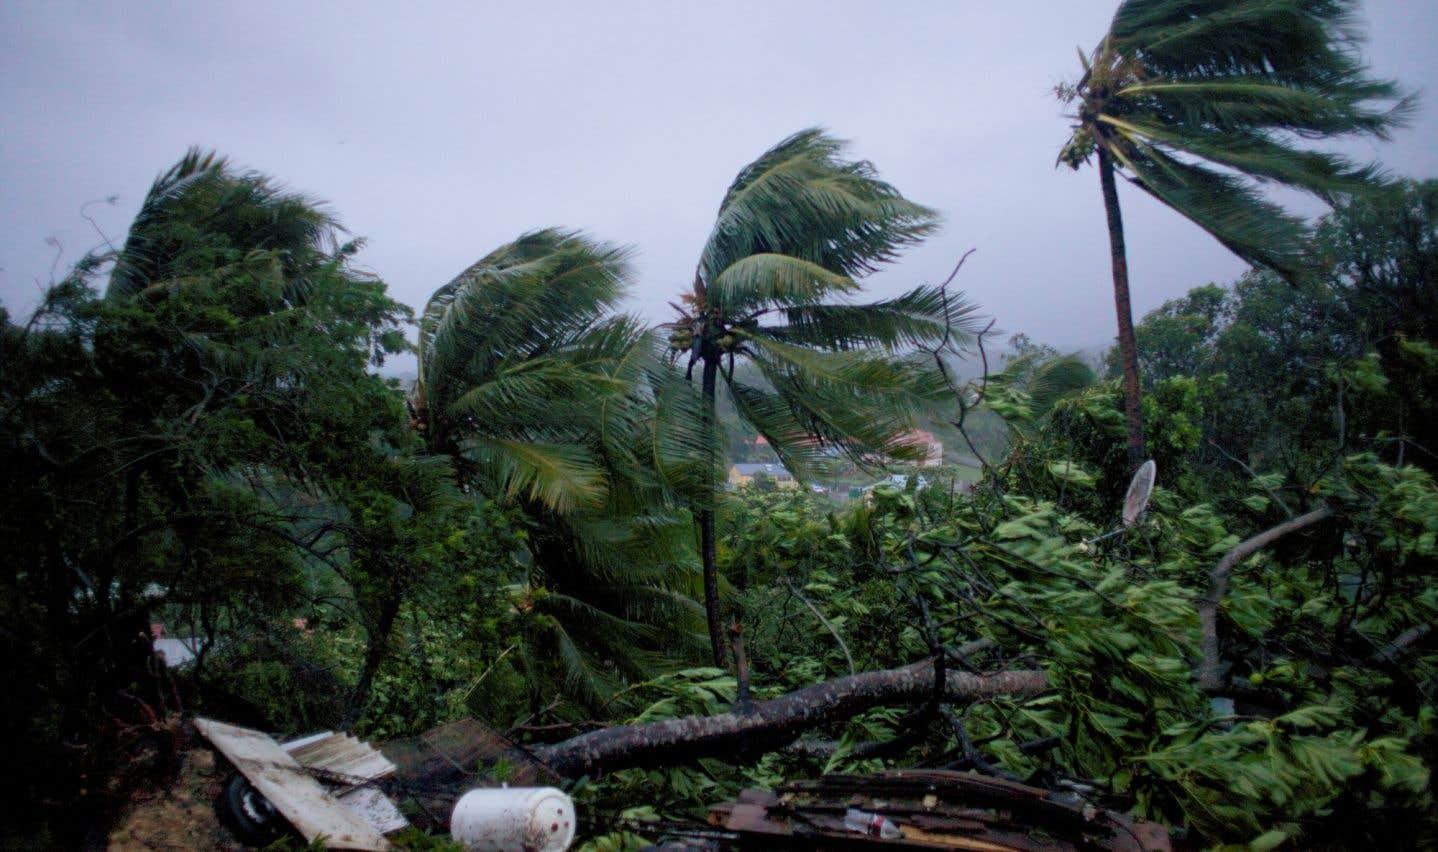 Déjà ravagée par le cyclone «Irma» il y a une dizaine de jours, toute la région a été mise en état d'alerte avant le passage de «Maria».